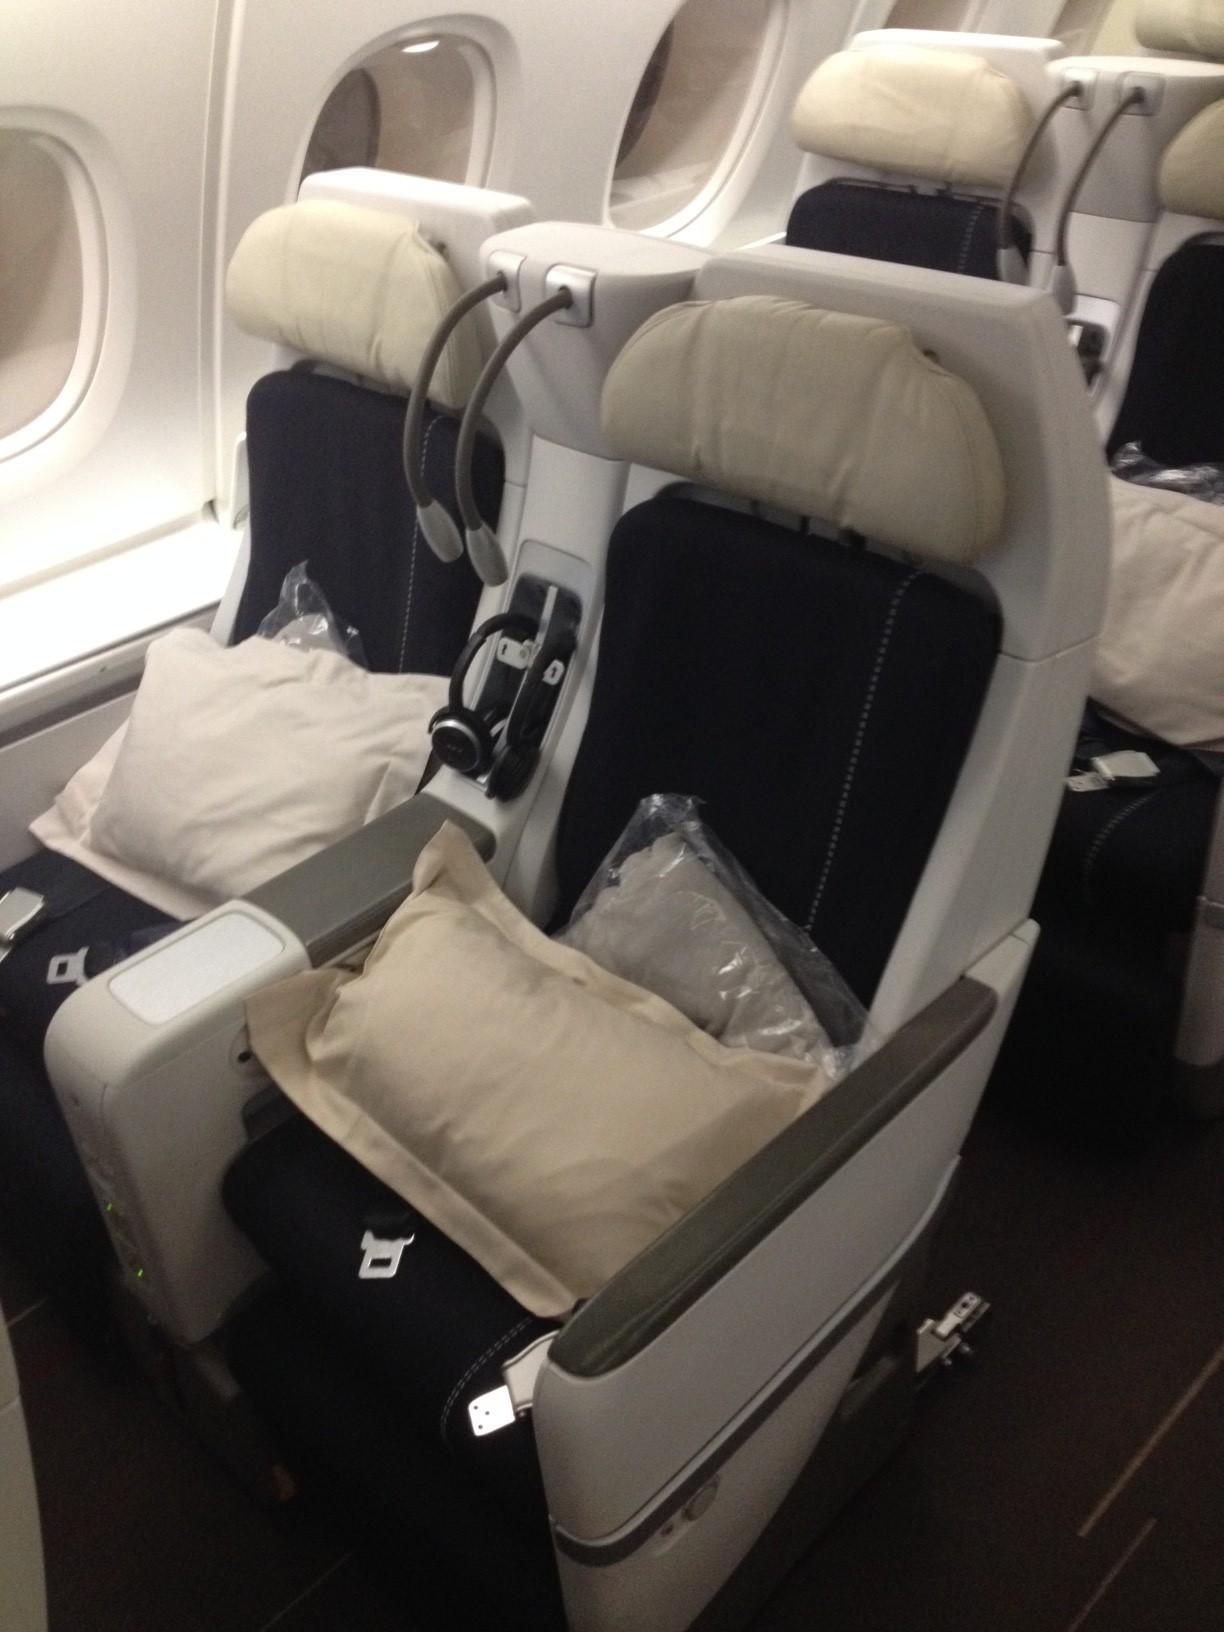 Air France Economy Premium